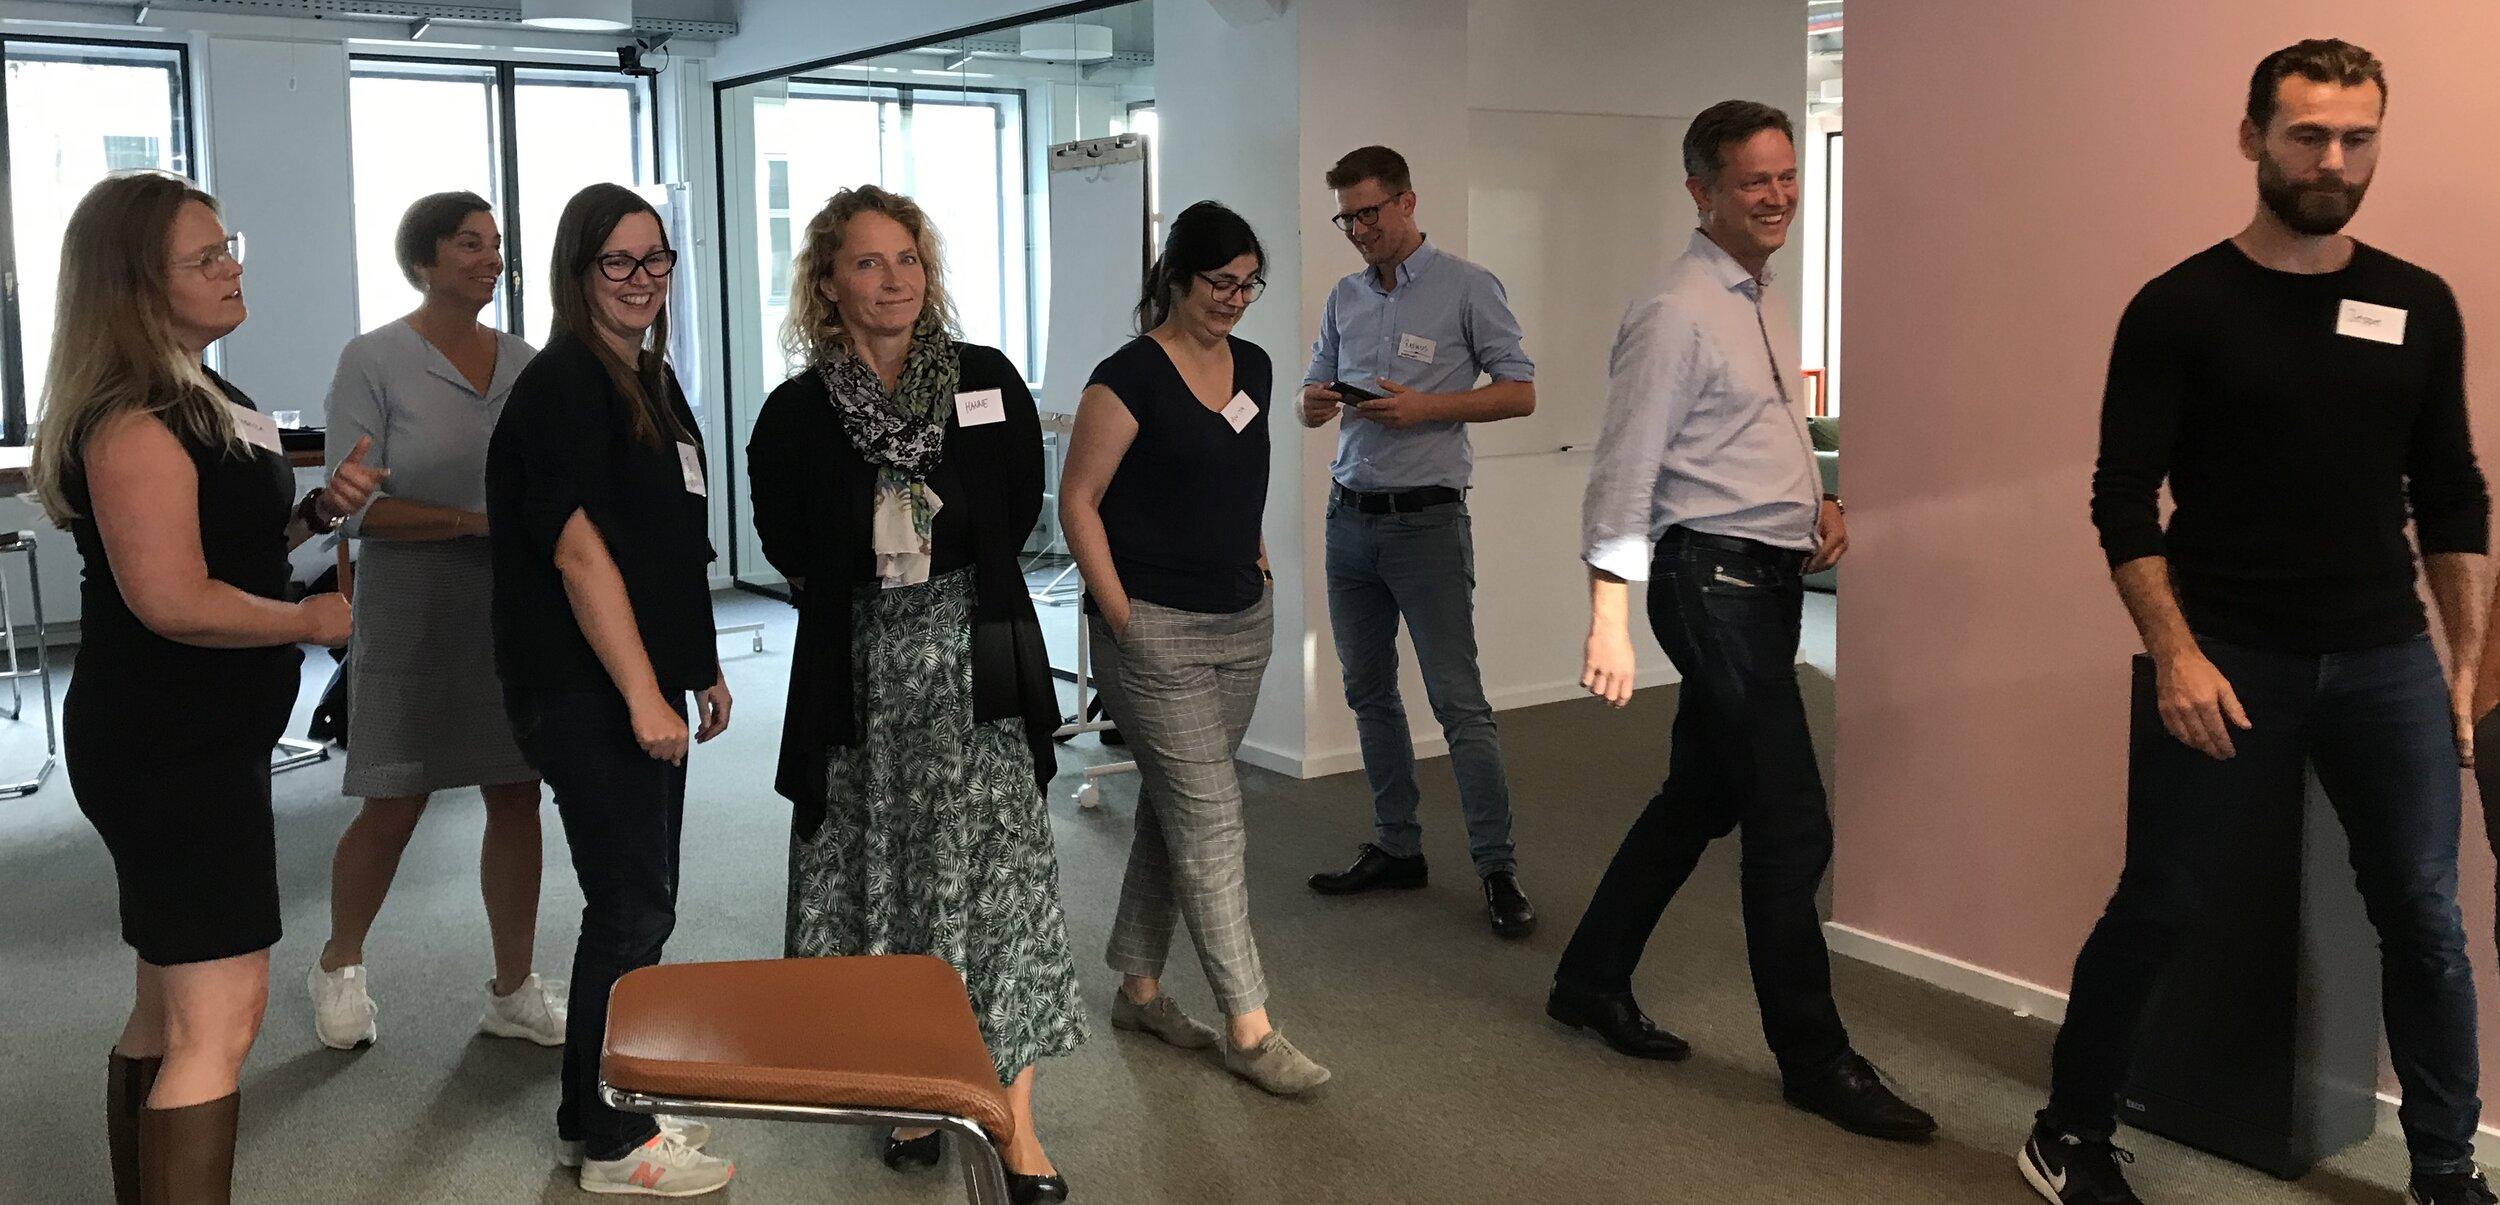 Participants walking in an office space in Copenhagen.